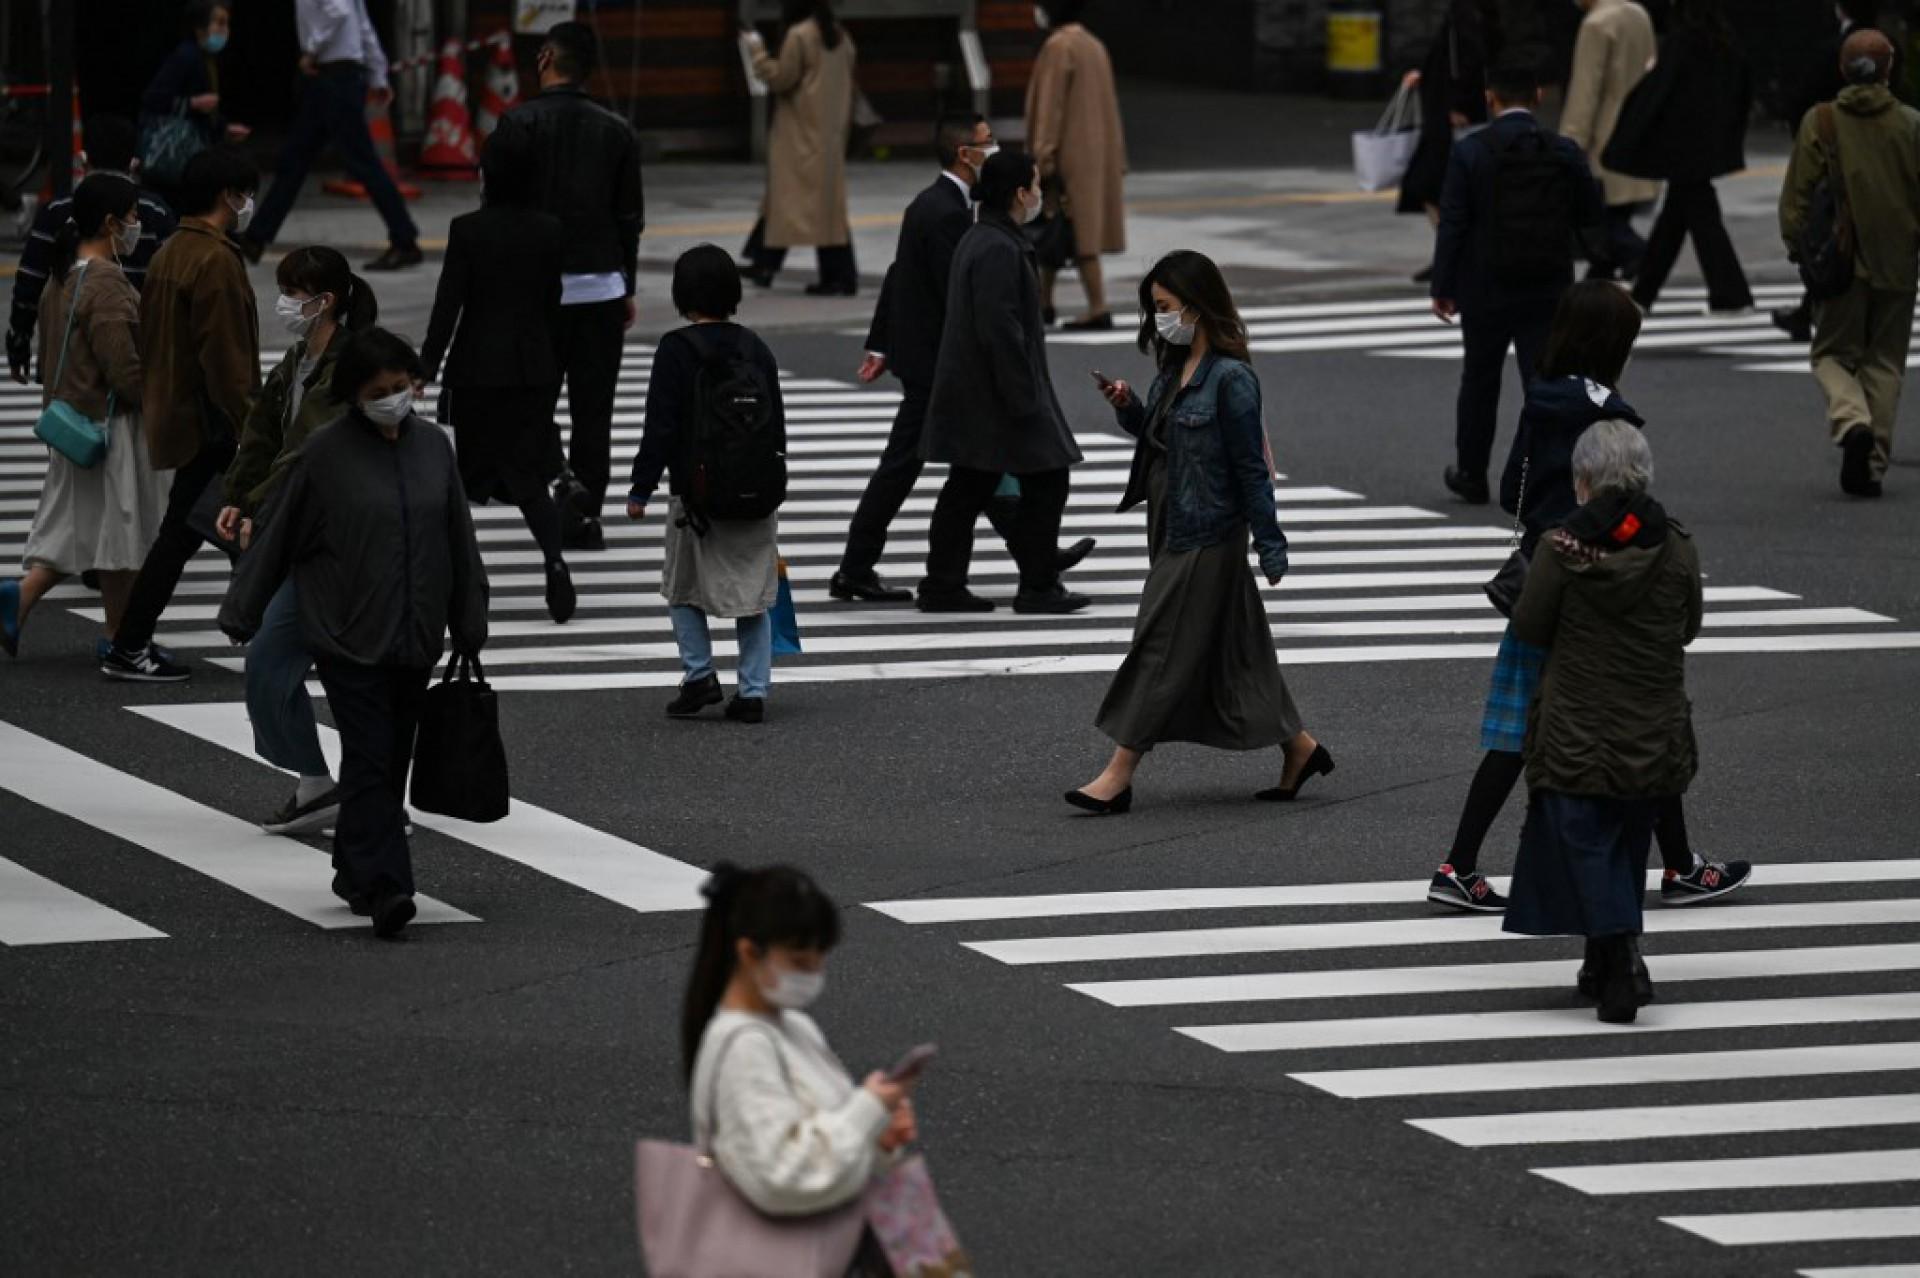 (Foto: Charly TRIBALLEAU / AFP)Olimpíada de Tóquio 2020. Pessoas atravessam uma rua em Tóquio em 9 de abril de 2021.